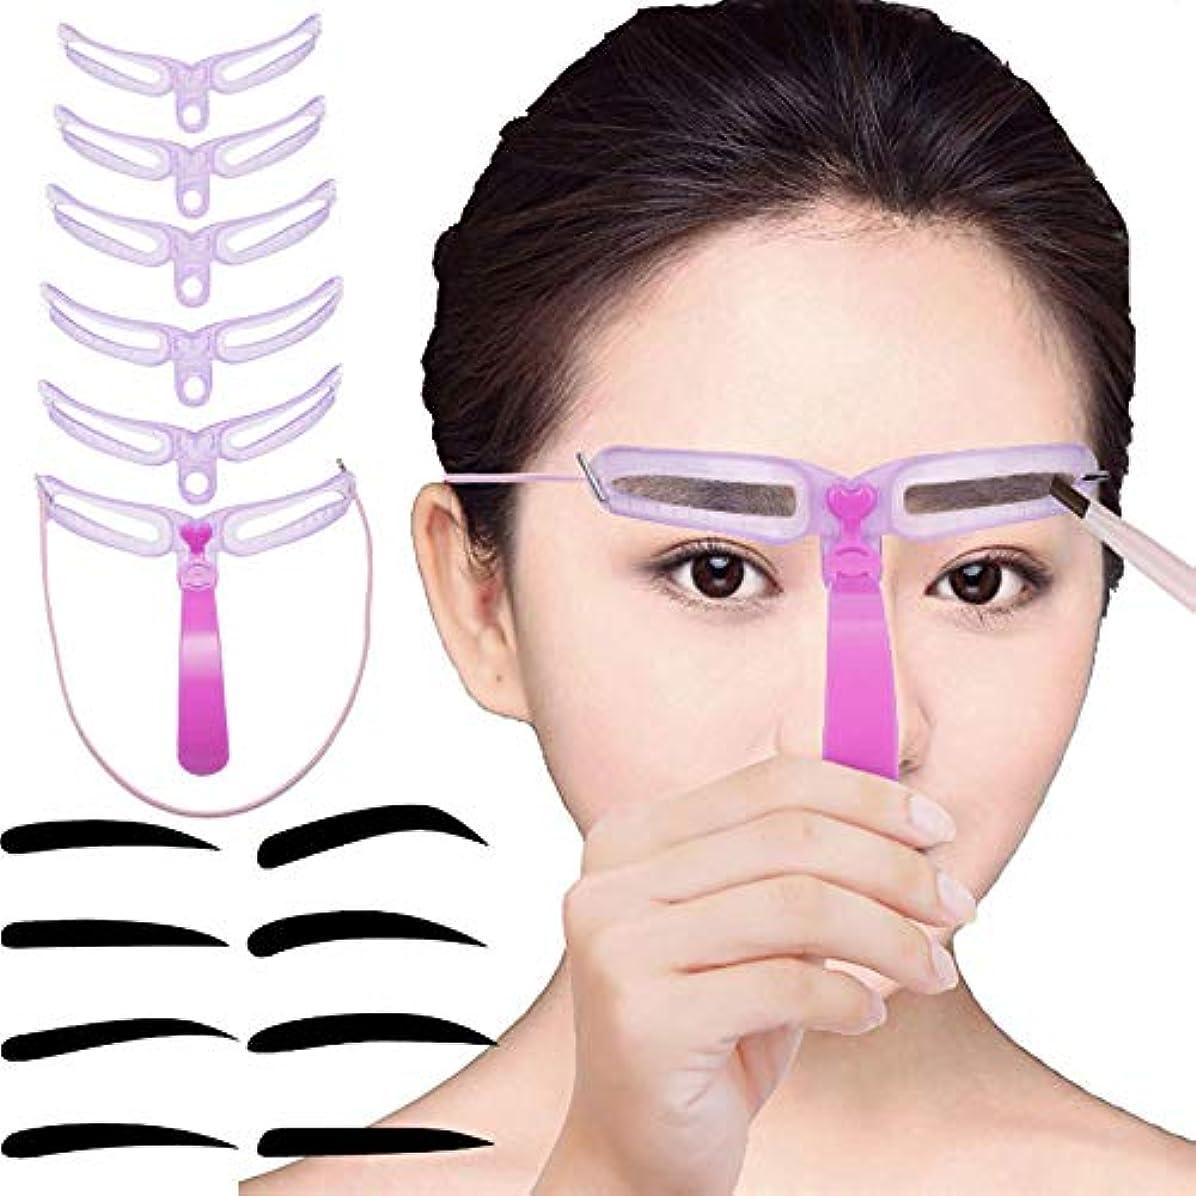 厳密に組み合わせる音【改良】眉毛テンプレート 8種類 8パターン 眉毛ステンシル 美容ツール 男女兼用 ストラップ付き 2点セット